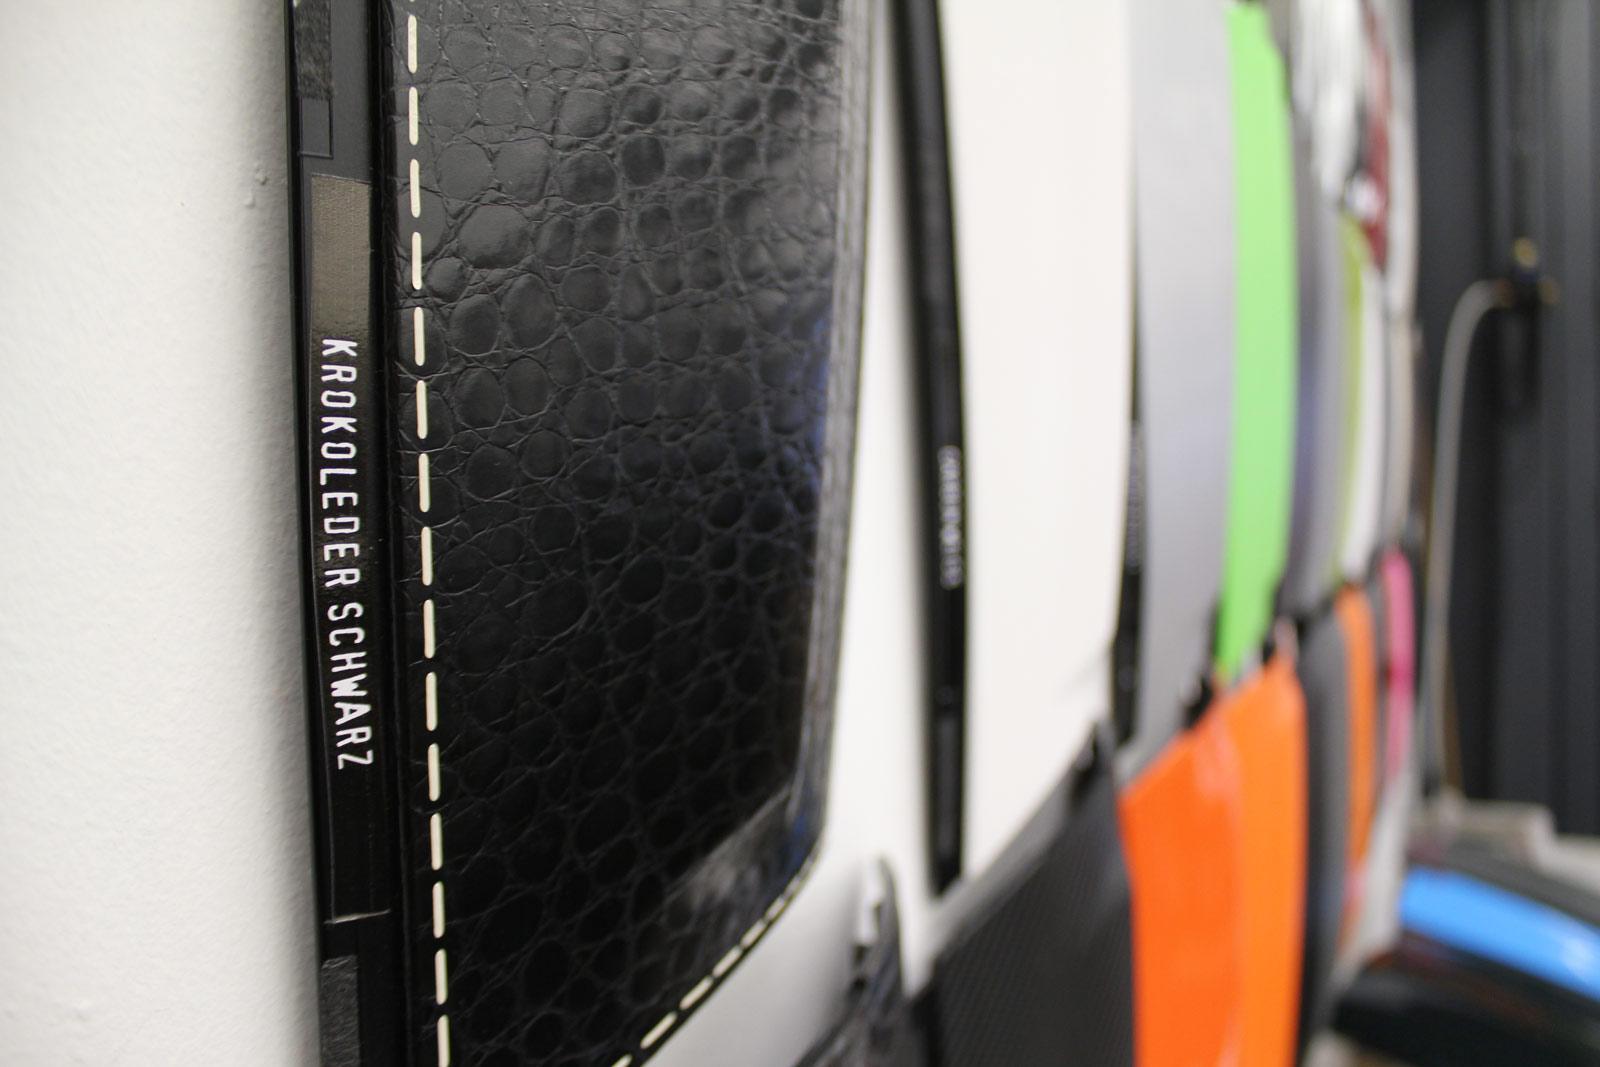 Unsere Folienmuster-Wand zeigt die verklebten Foliensorten.